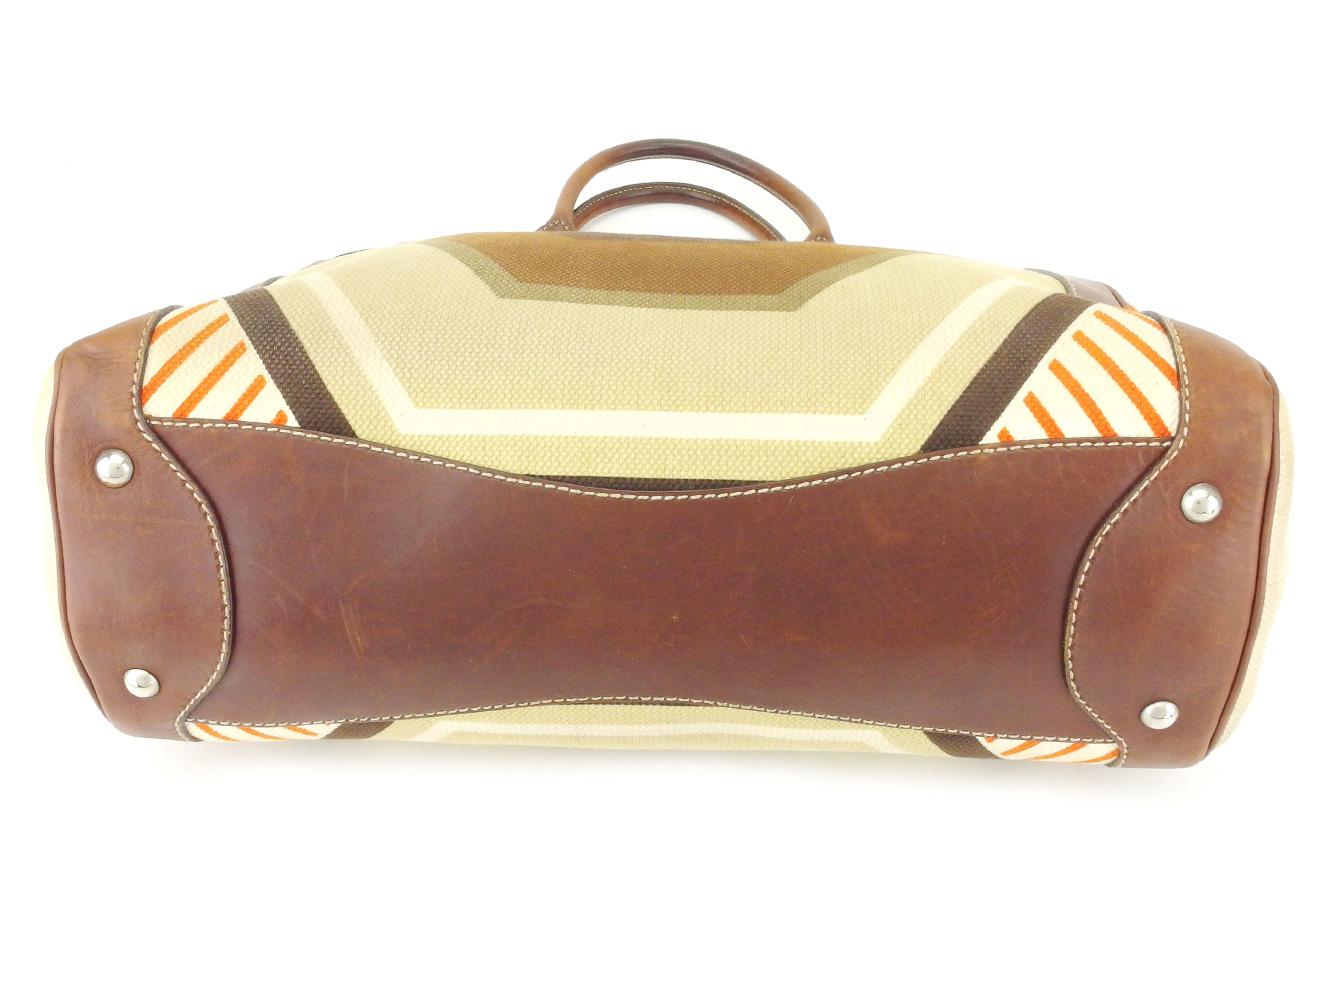 9aa713c3134d スーパー ミュウミュウ miumiu フェンディ トートバッグ ハンドバッグ ...